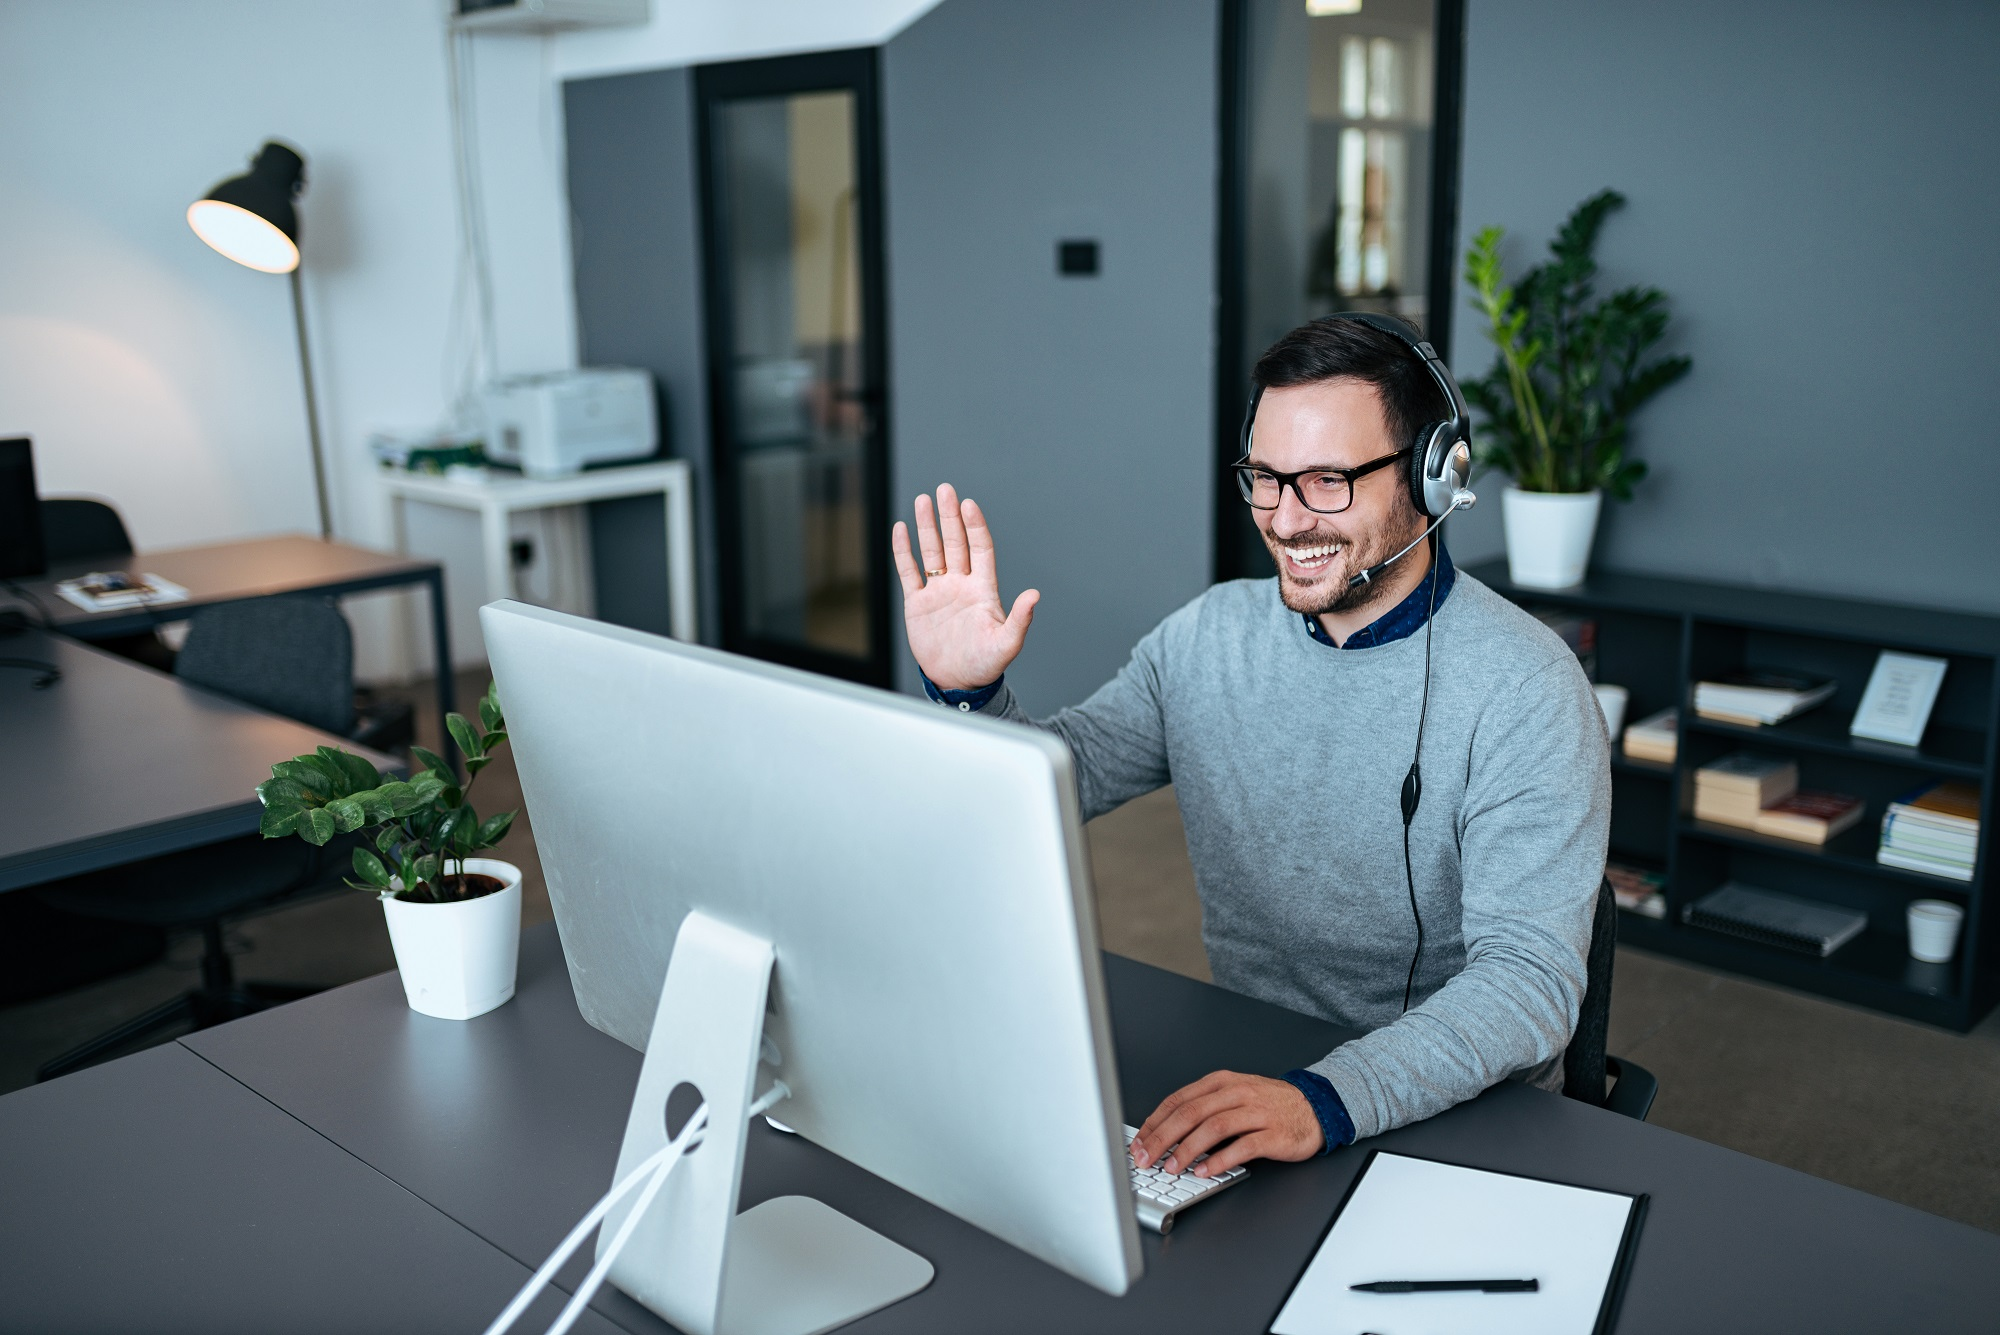 Comunicação e trabalho remoto: como deixar a sua mais eficiente